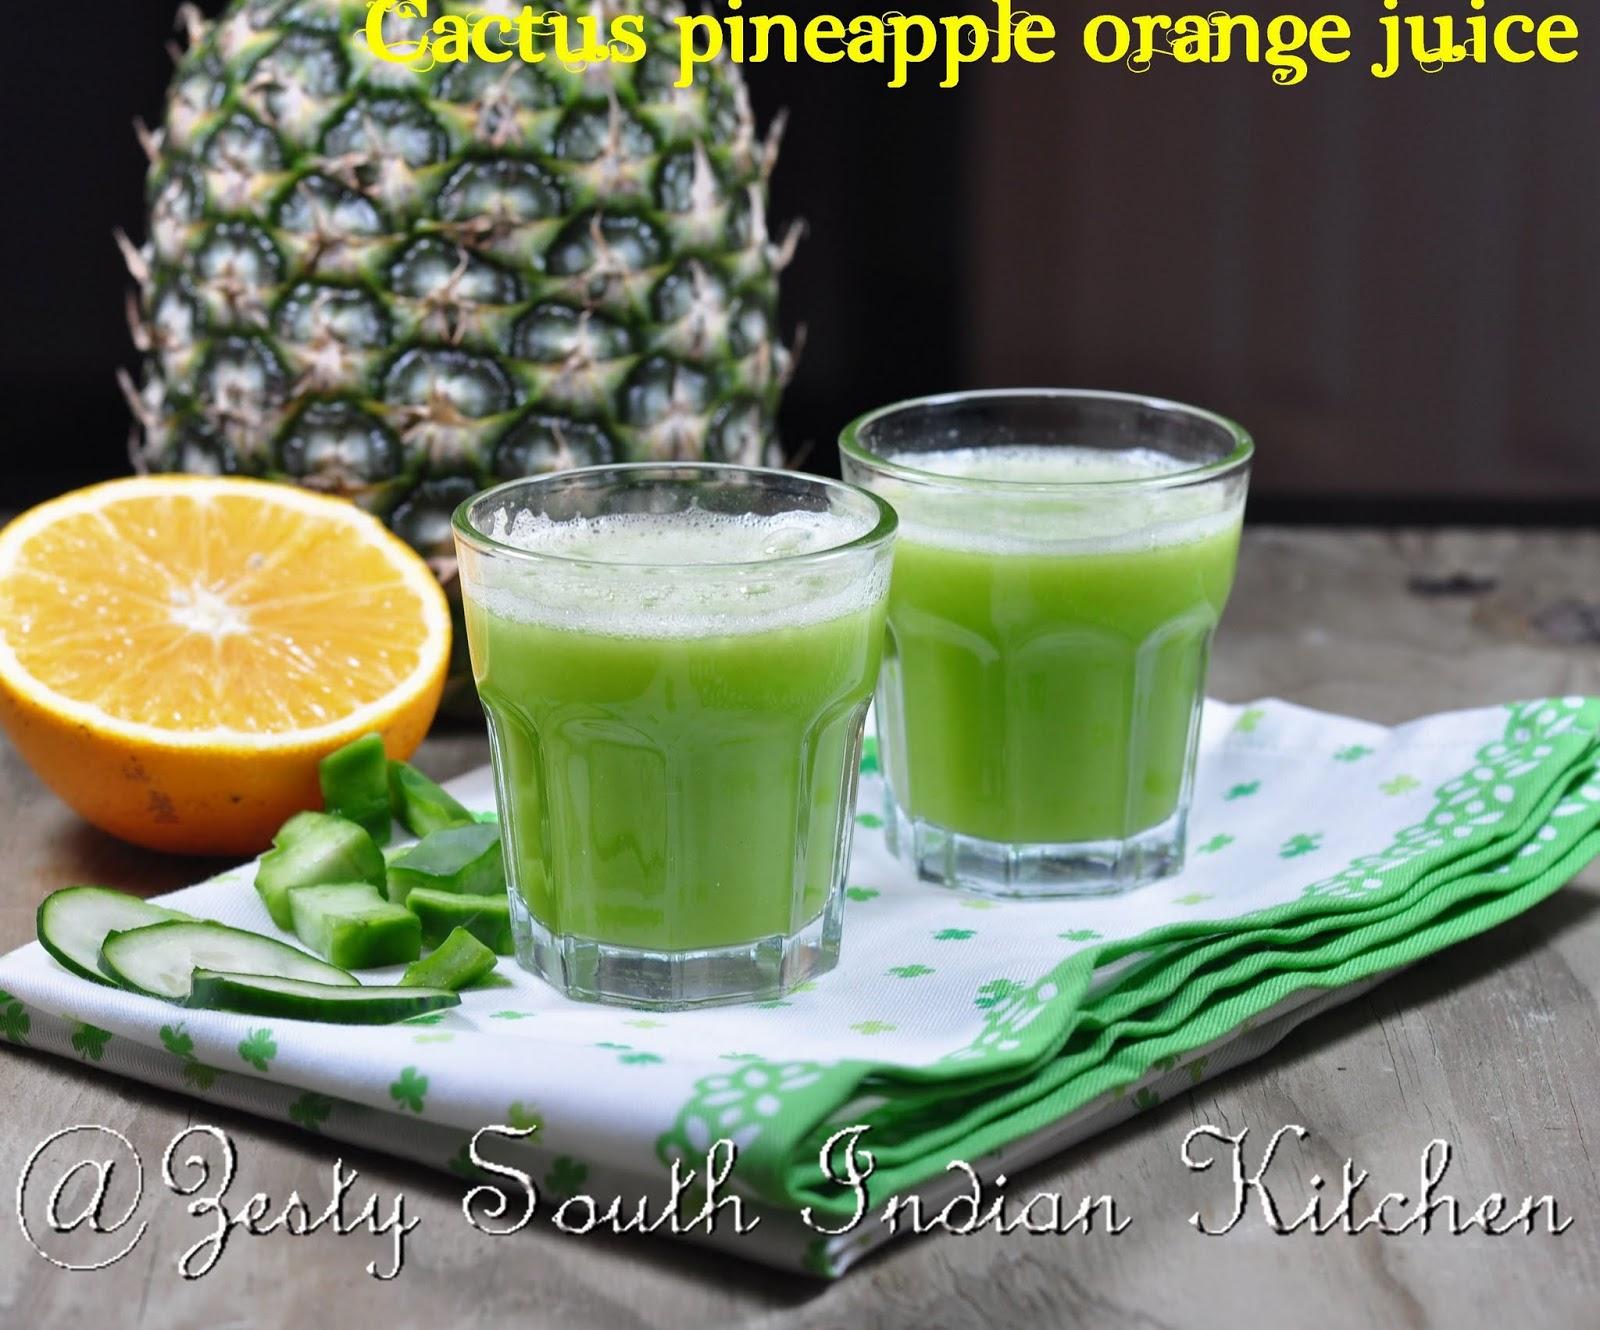 cactus pineapple orange juice agua de nopal piña con naranja a